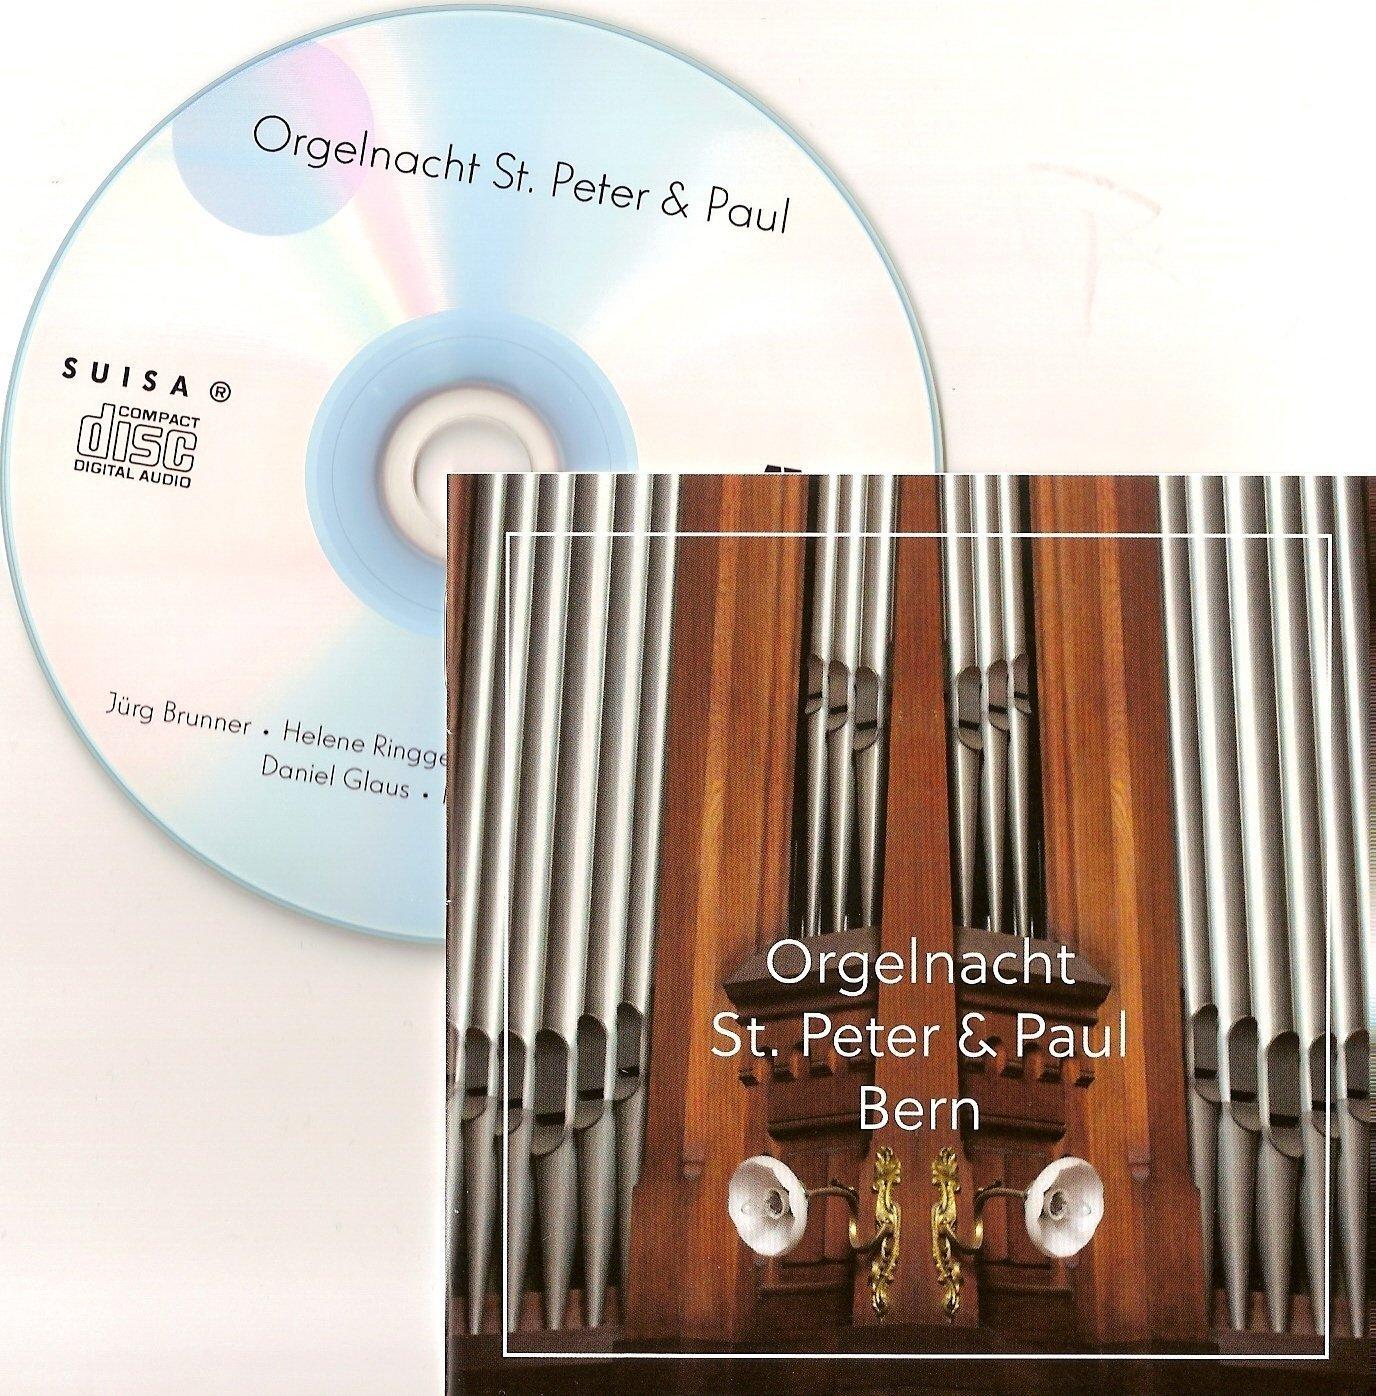 M09 Orgelnacht St Peter Paul Bern